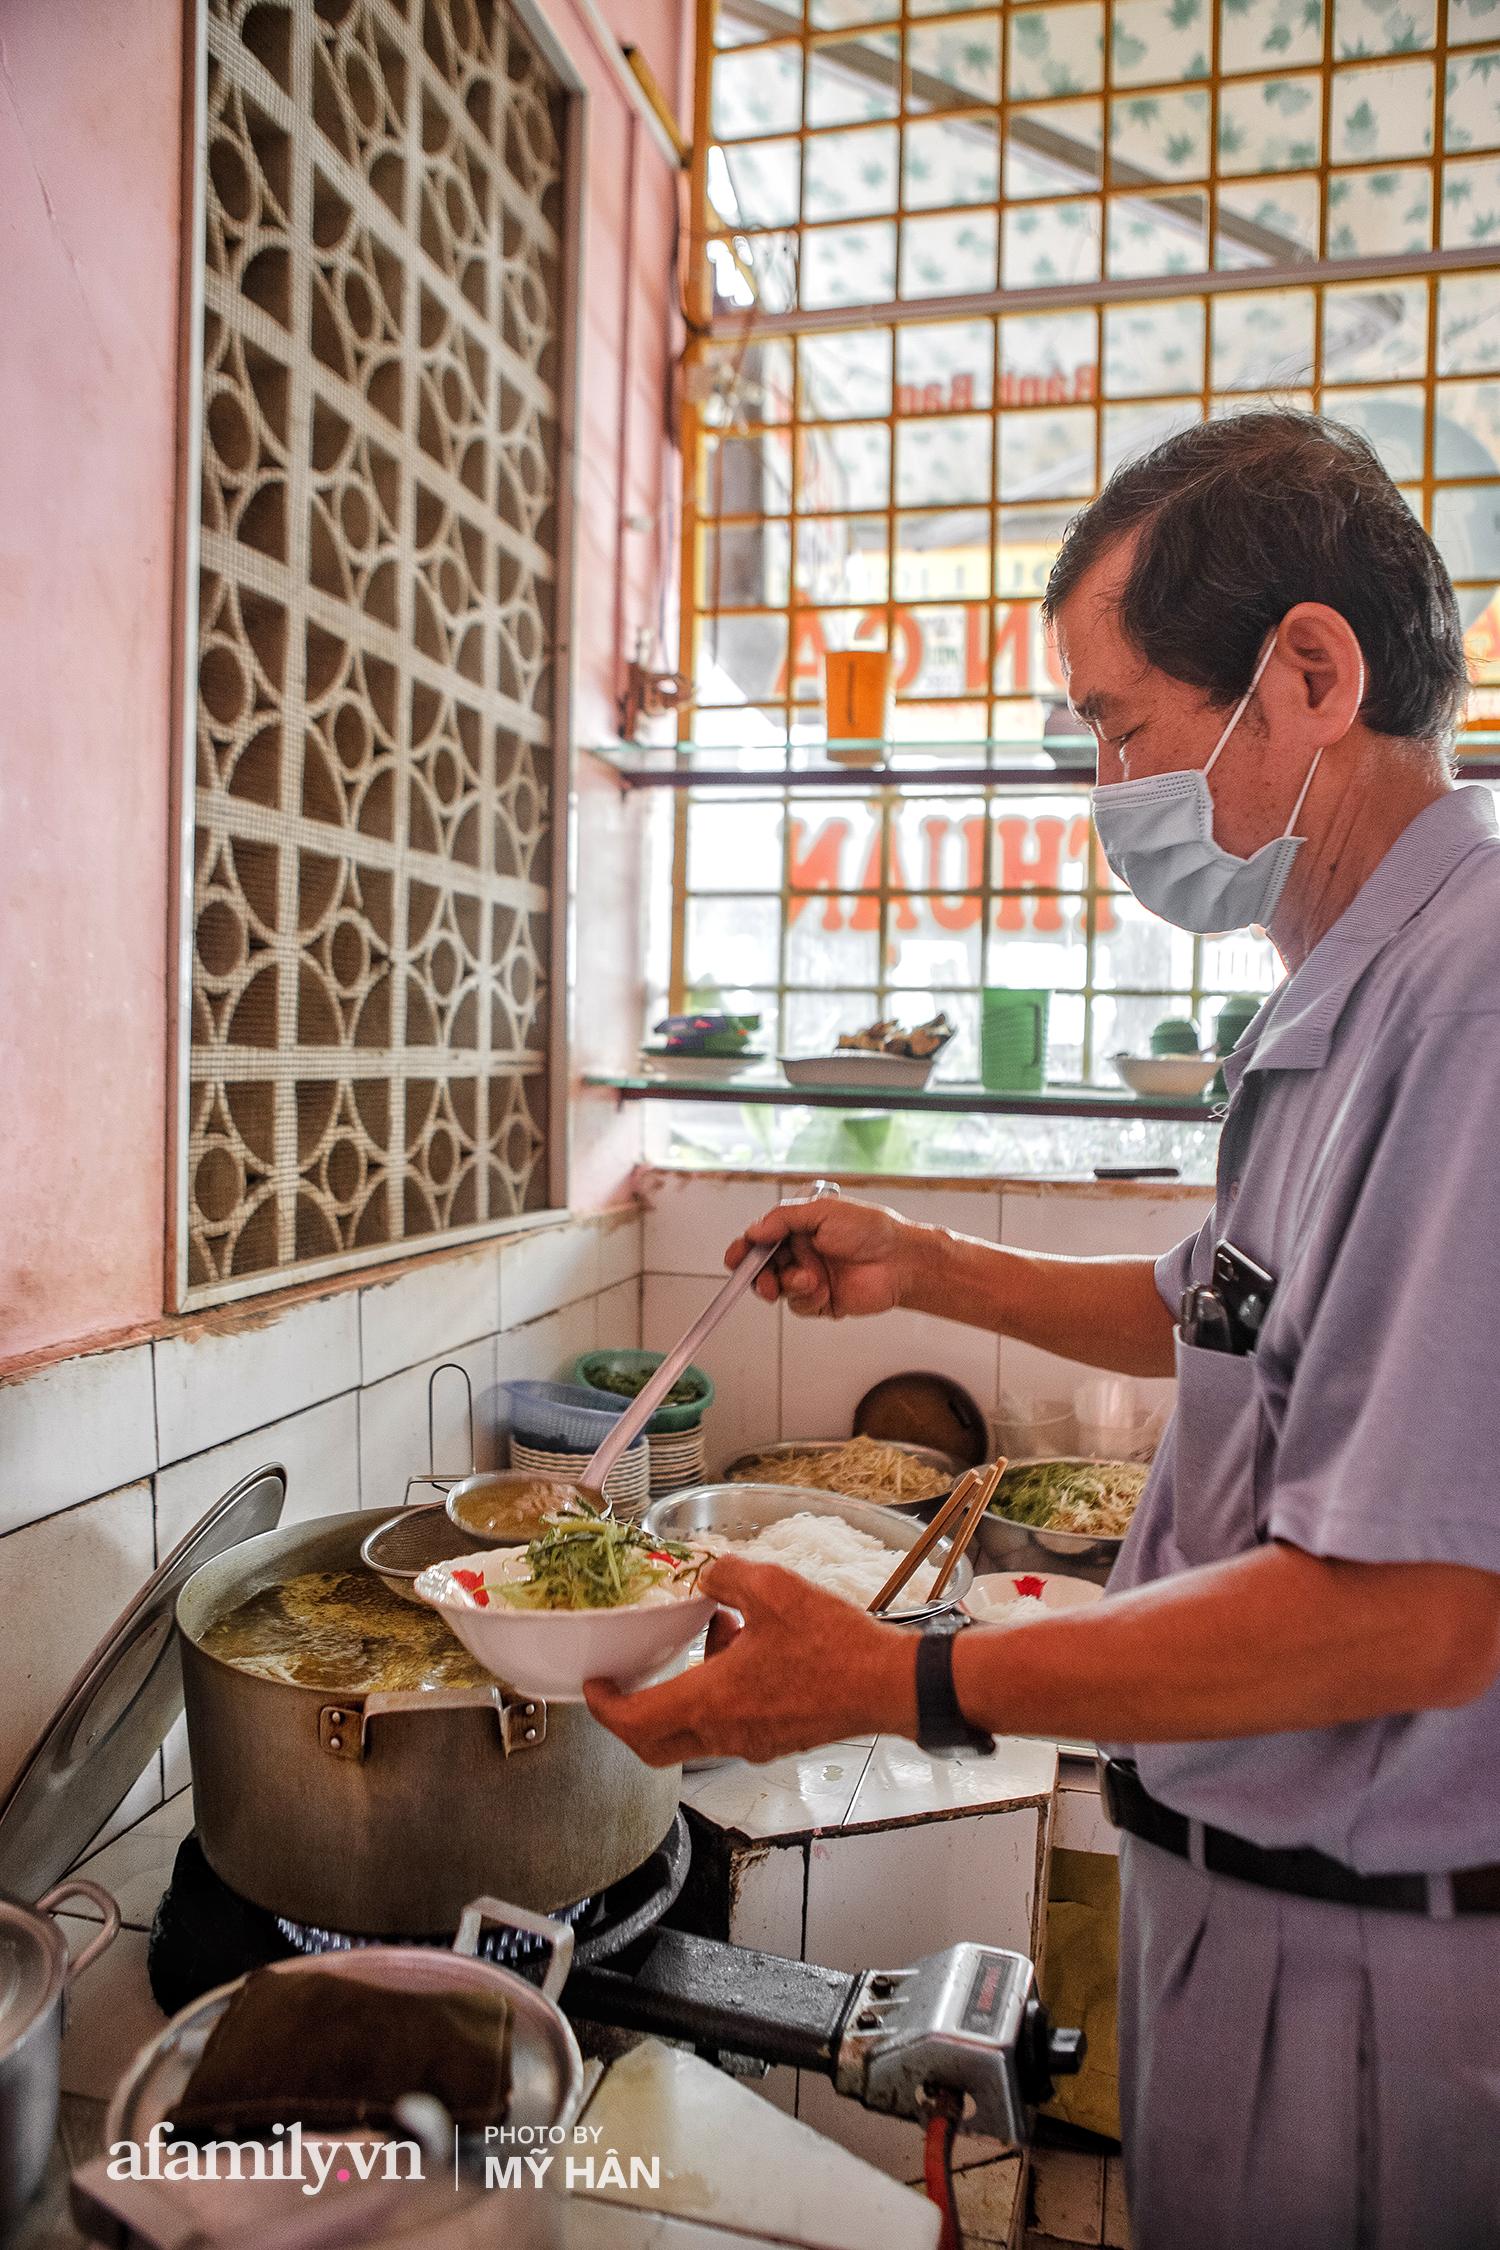 Không phải đầu bếp, nhưng hai thầy cô giáo ở miền Tây đã làm nên món ăn được xác lập kỷ lục 50 món đặc sản nổi tiếng nhất Việt Nam, bất ngờ về người nắm giữ công thức bí mật! - Ảnh 11.